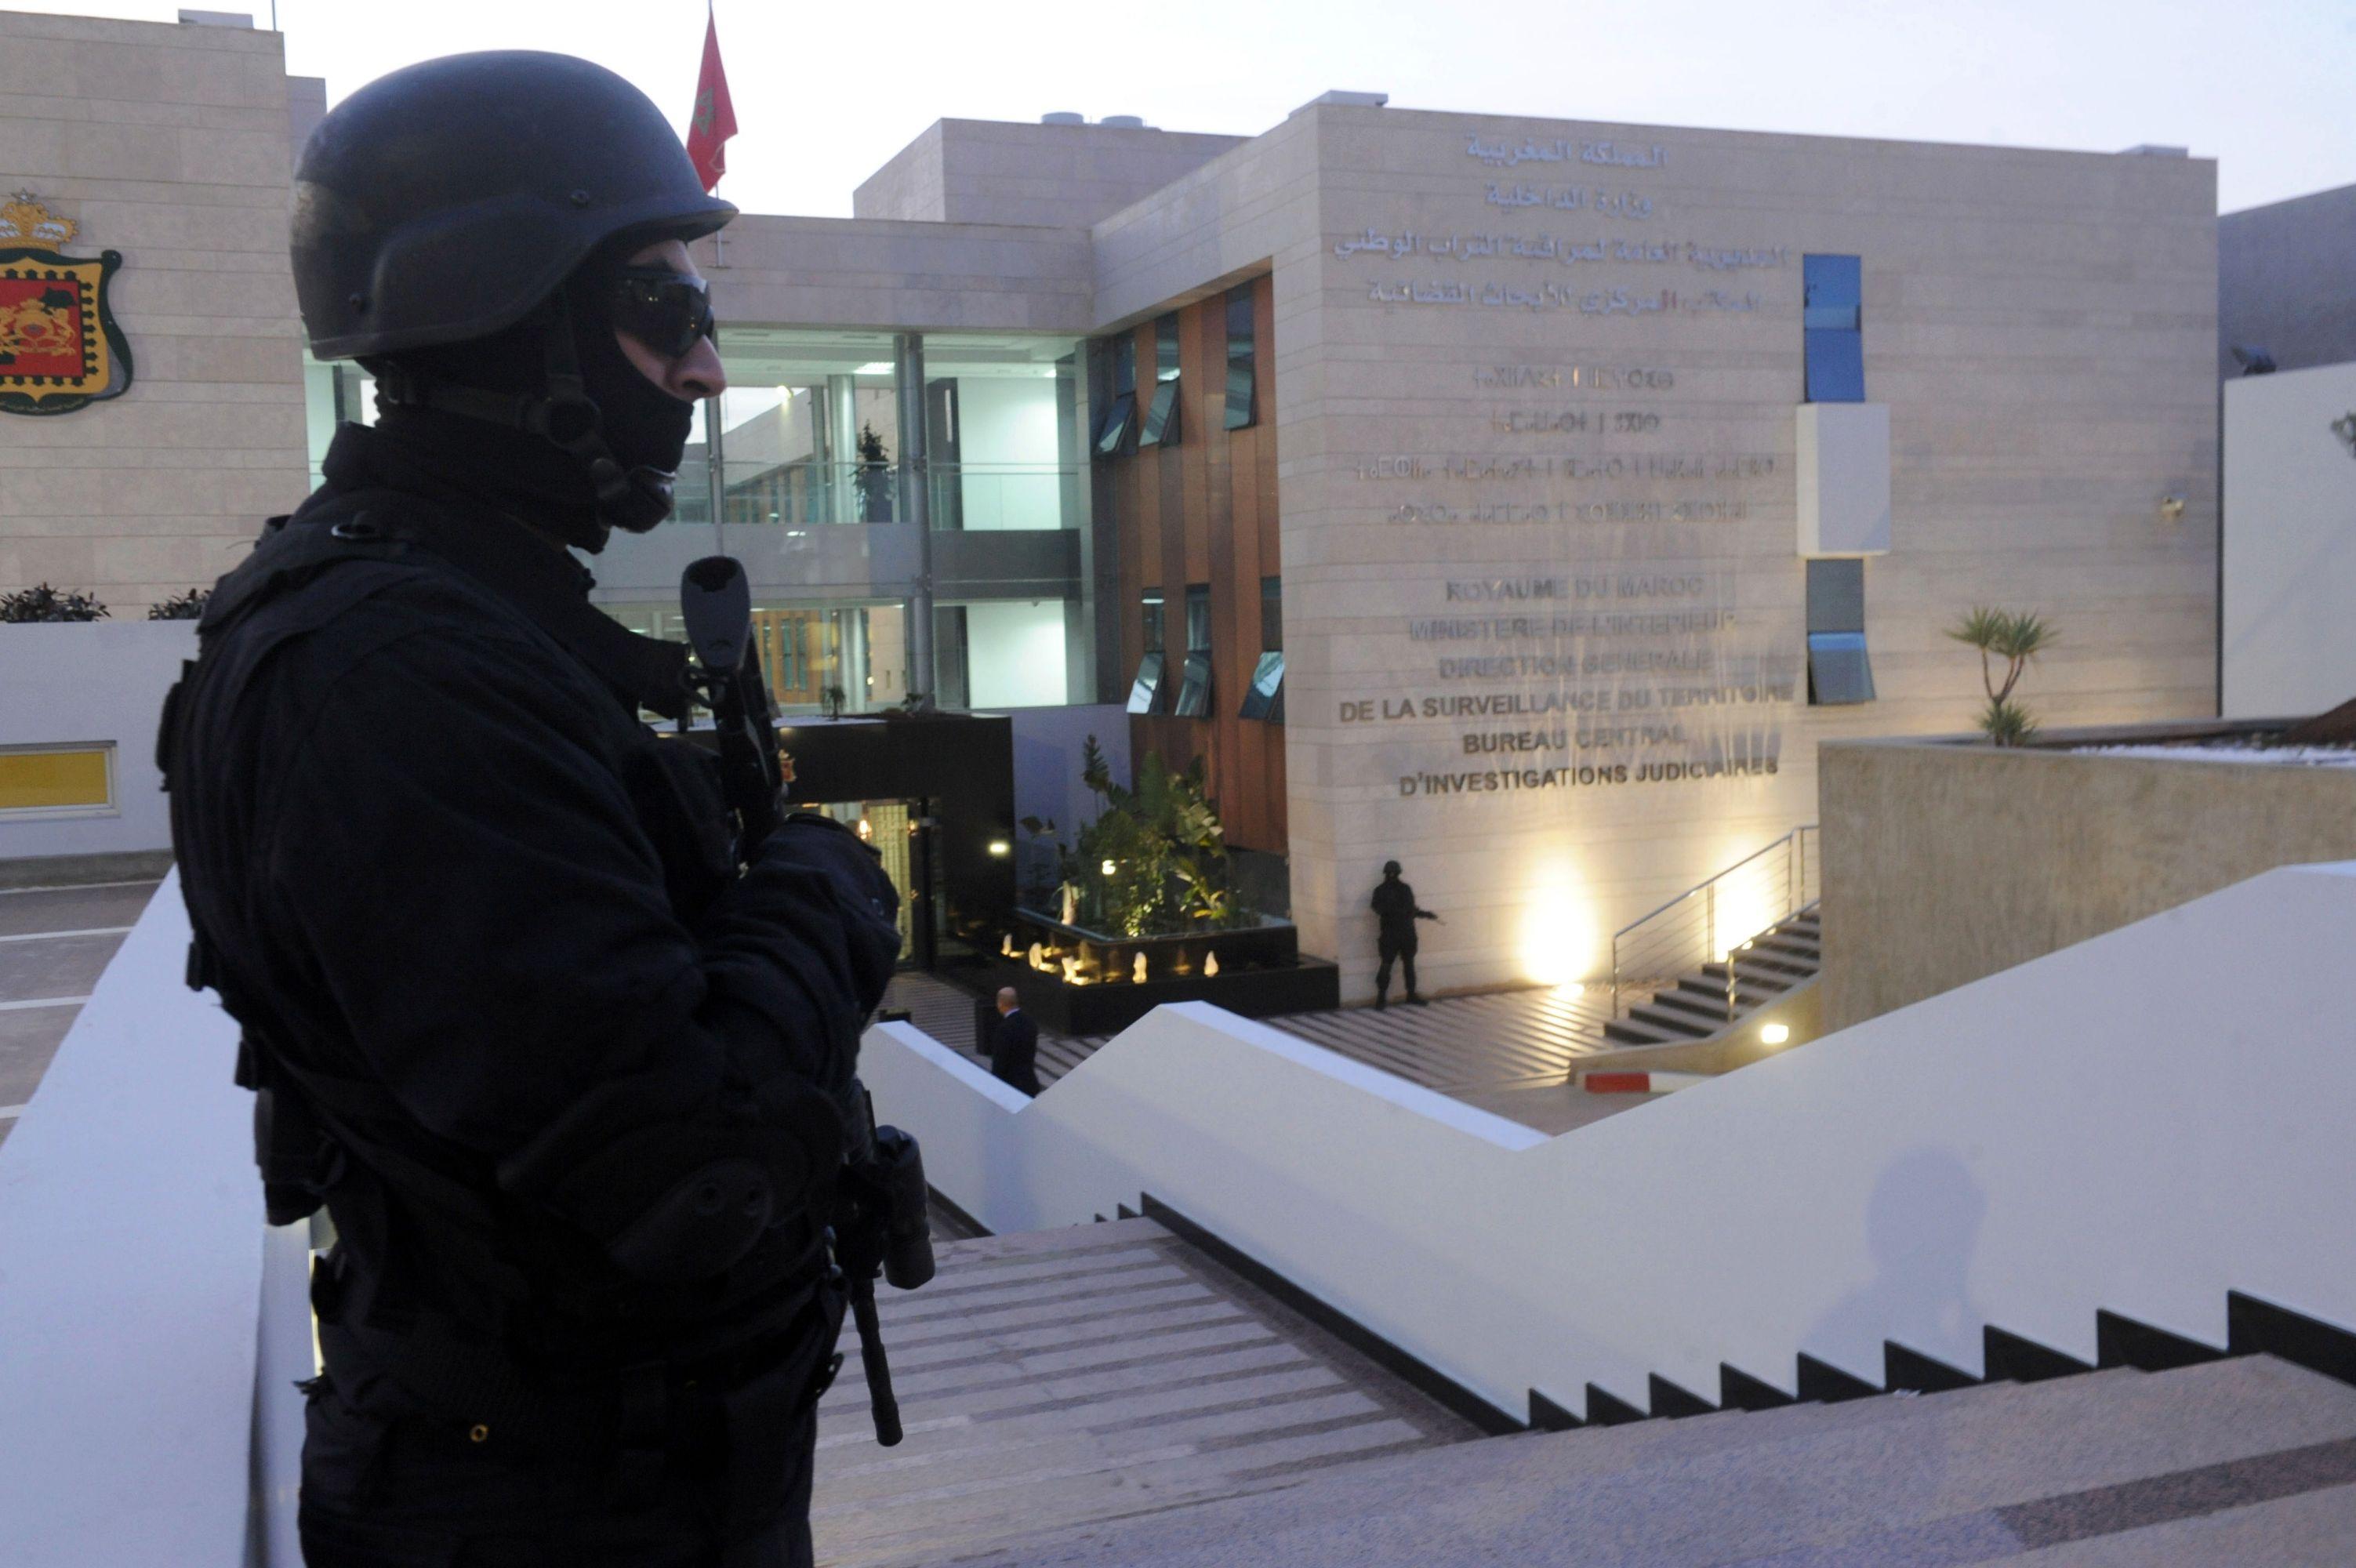 برافو المغاربة.. الأمن يوقف 'بويخوران نسواس' الذي أشاد بمقتل لويزا ومارين على فيسبوك